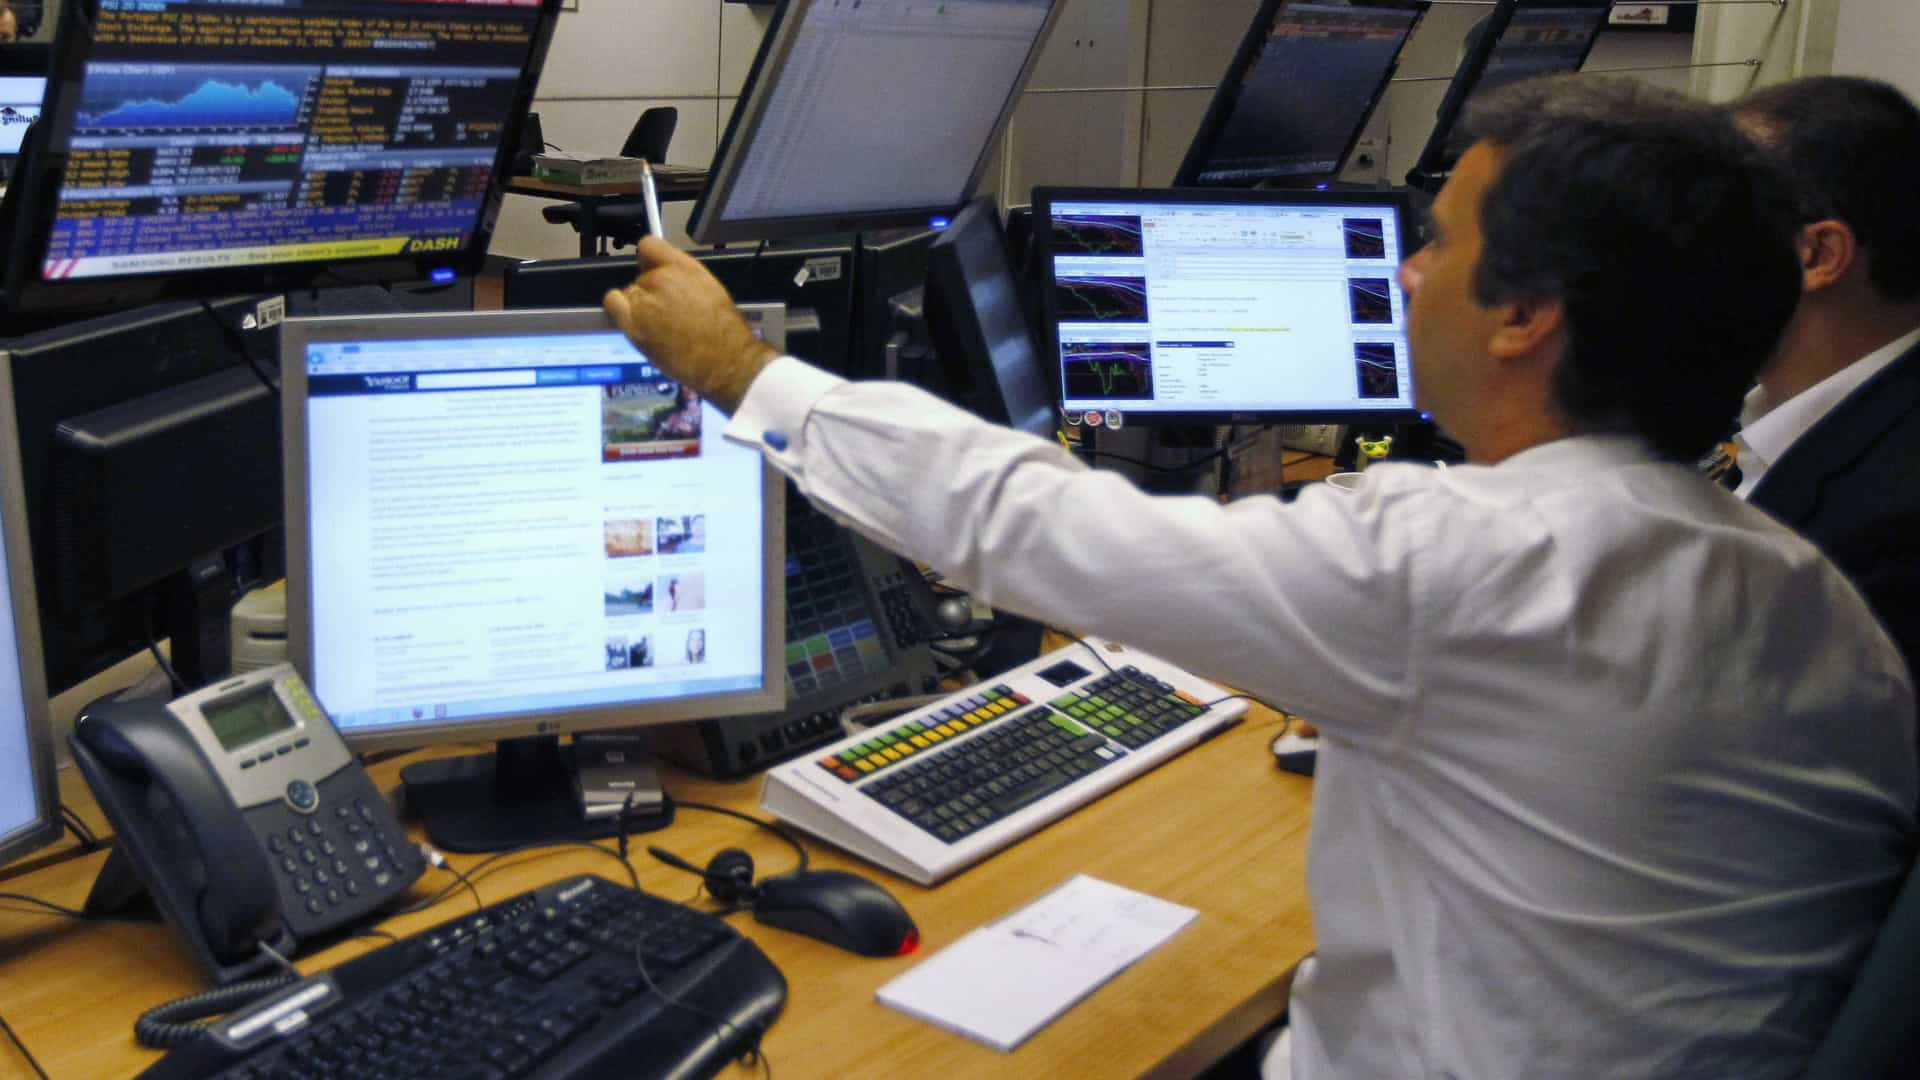 PSI20 segue positivo acompanhando ambiente favorável nos mercados